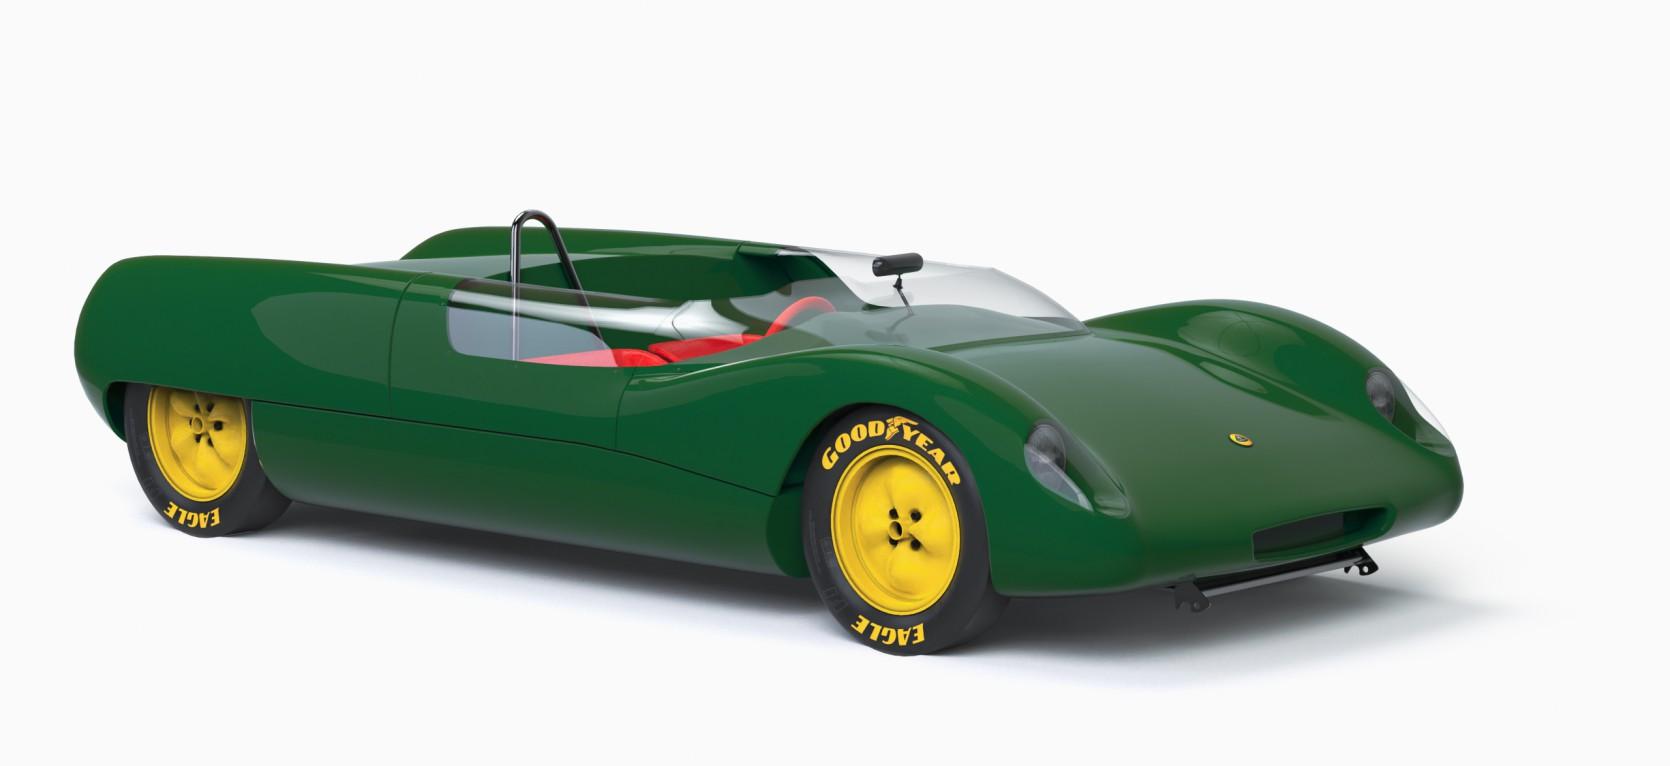 Automobilista 2 Cars 3.